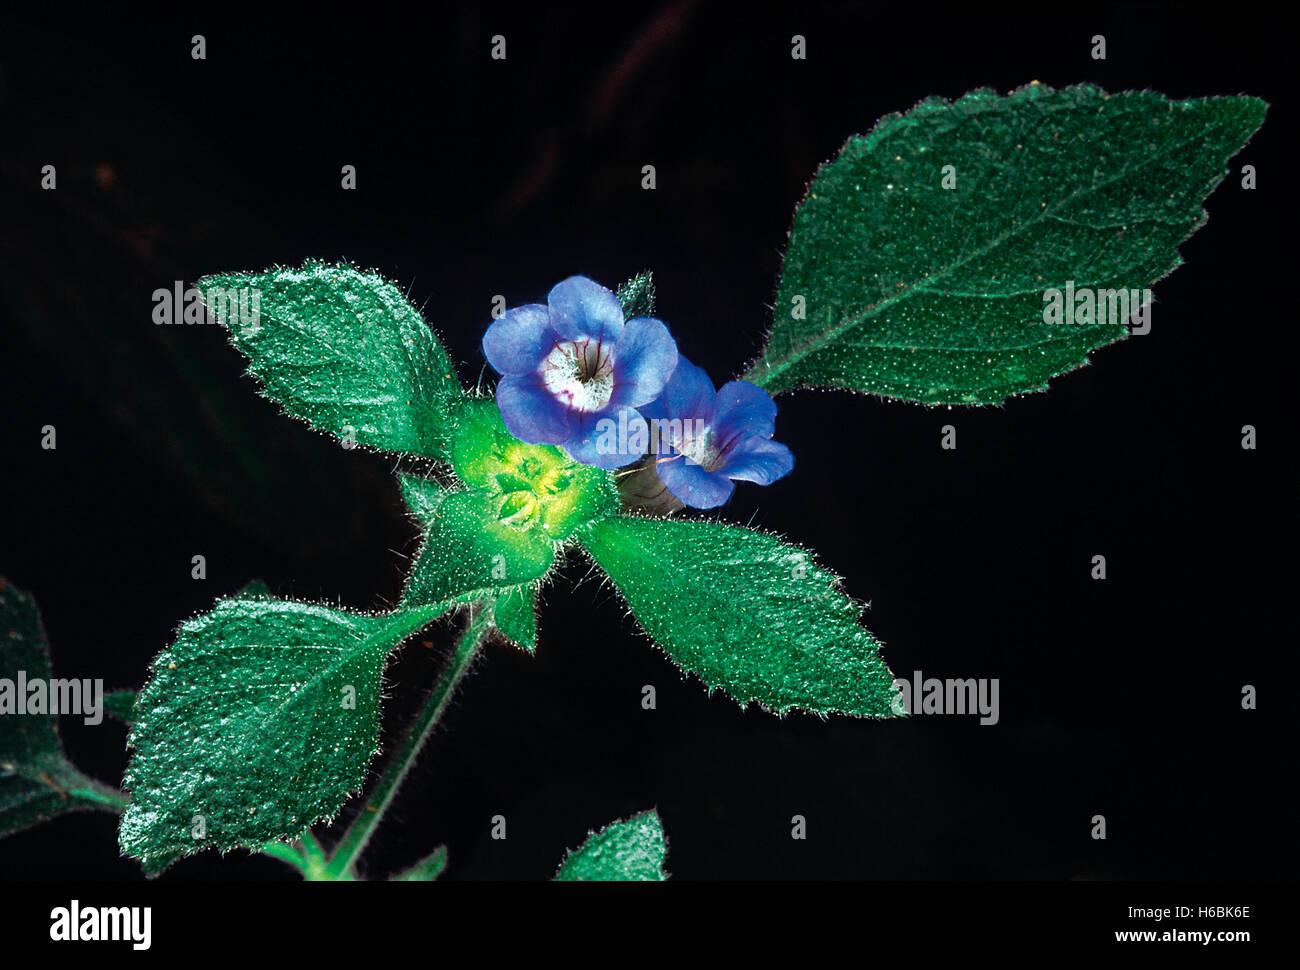 Hemigraphis latebrosa. Familia: acanthaceae. una pequeña hierba con pelos glandulares cerca de la inflorescencia. Imagen De Stock